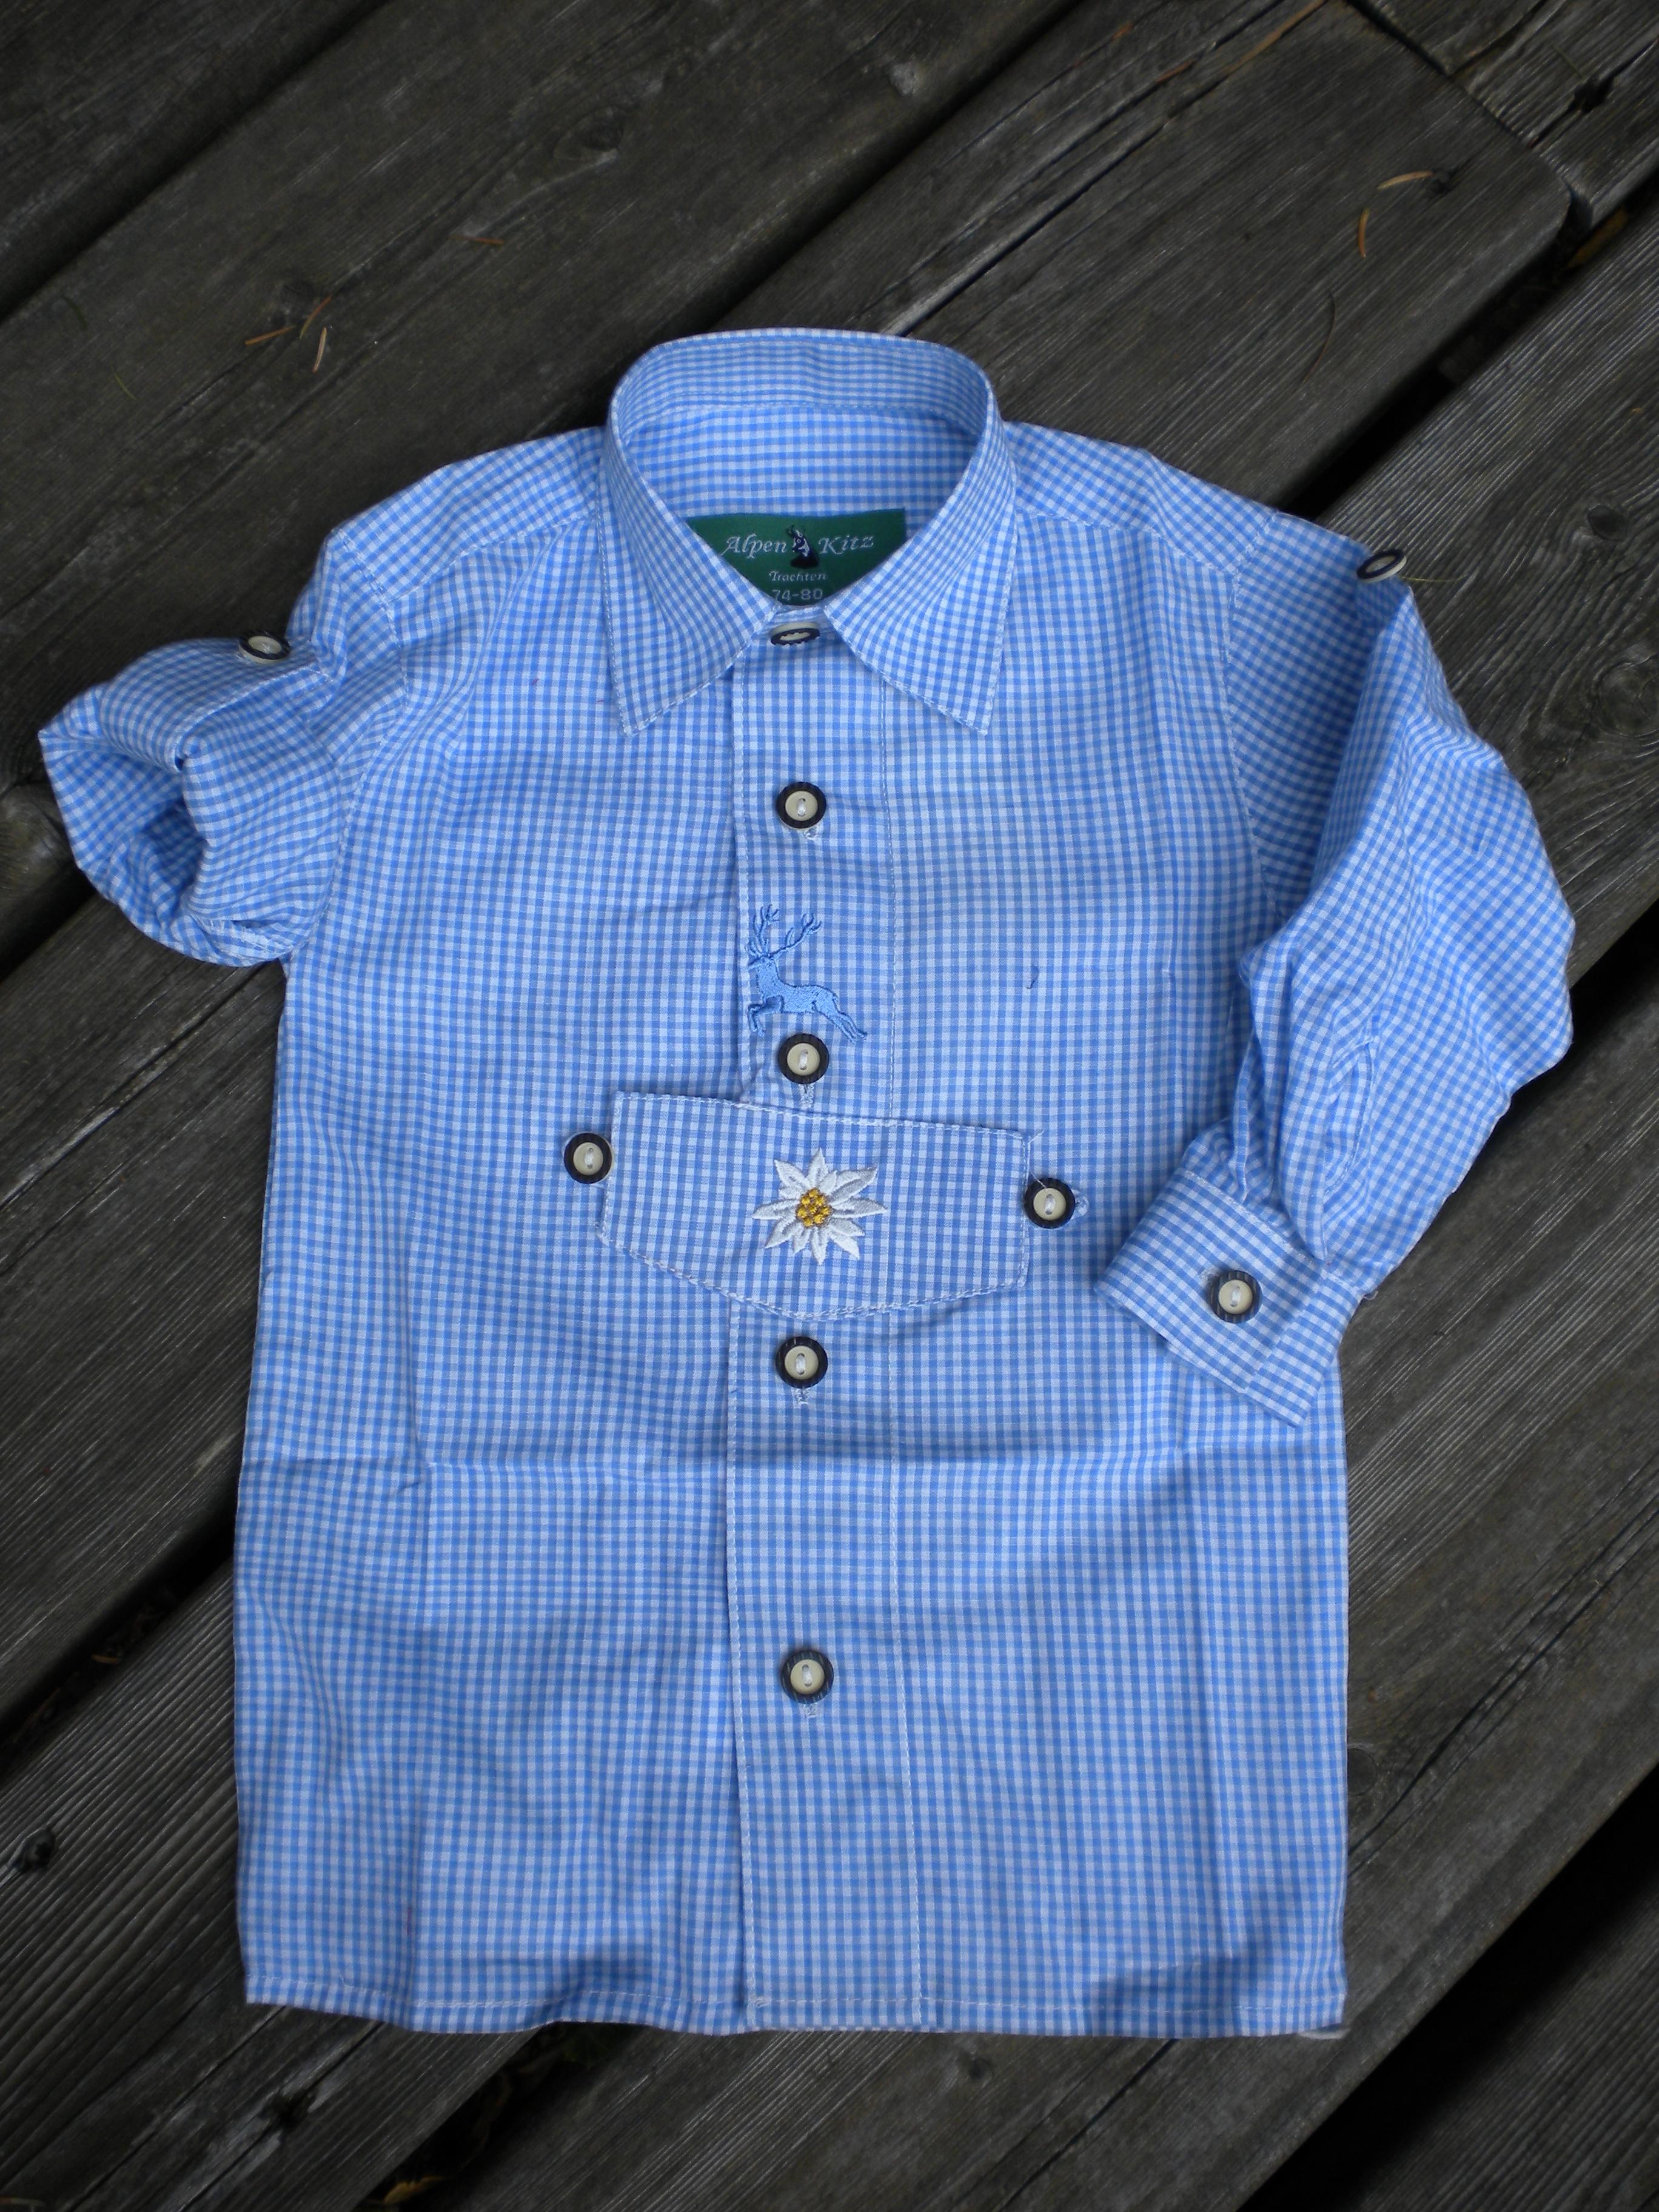 Landmode Hemd kariert, blau/weiss, Kind